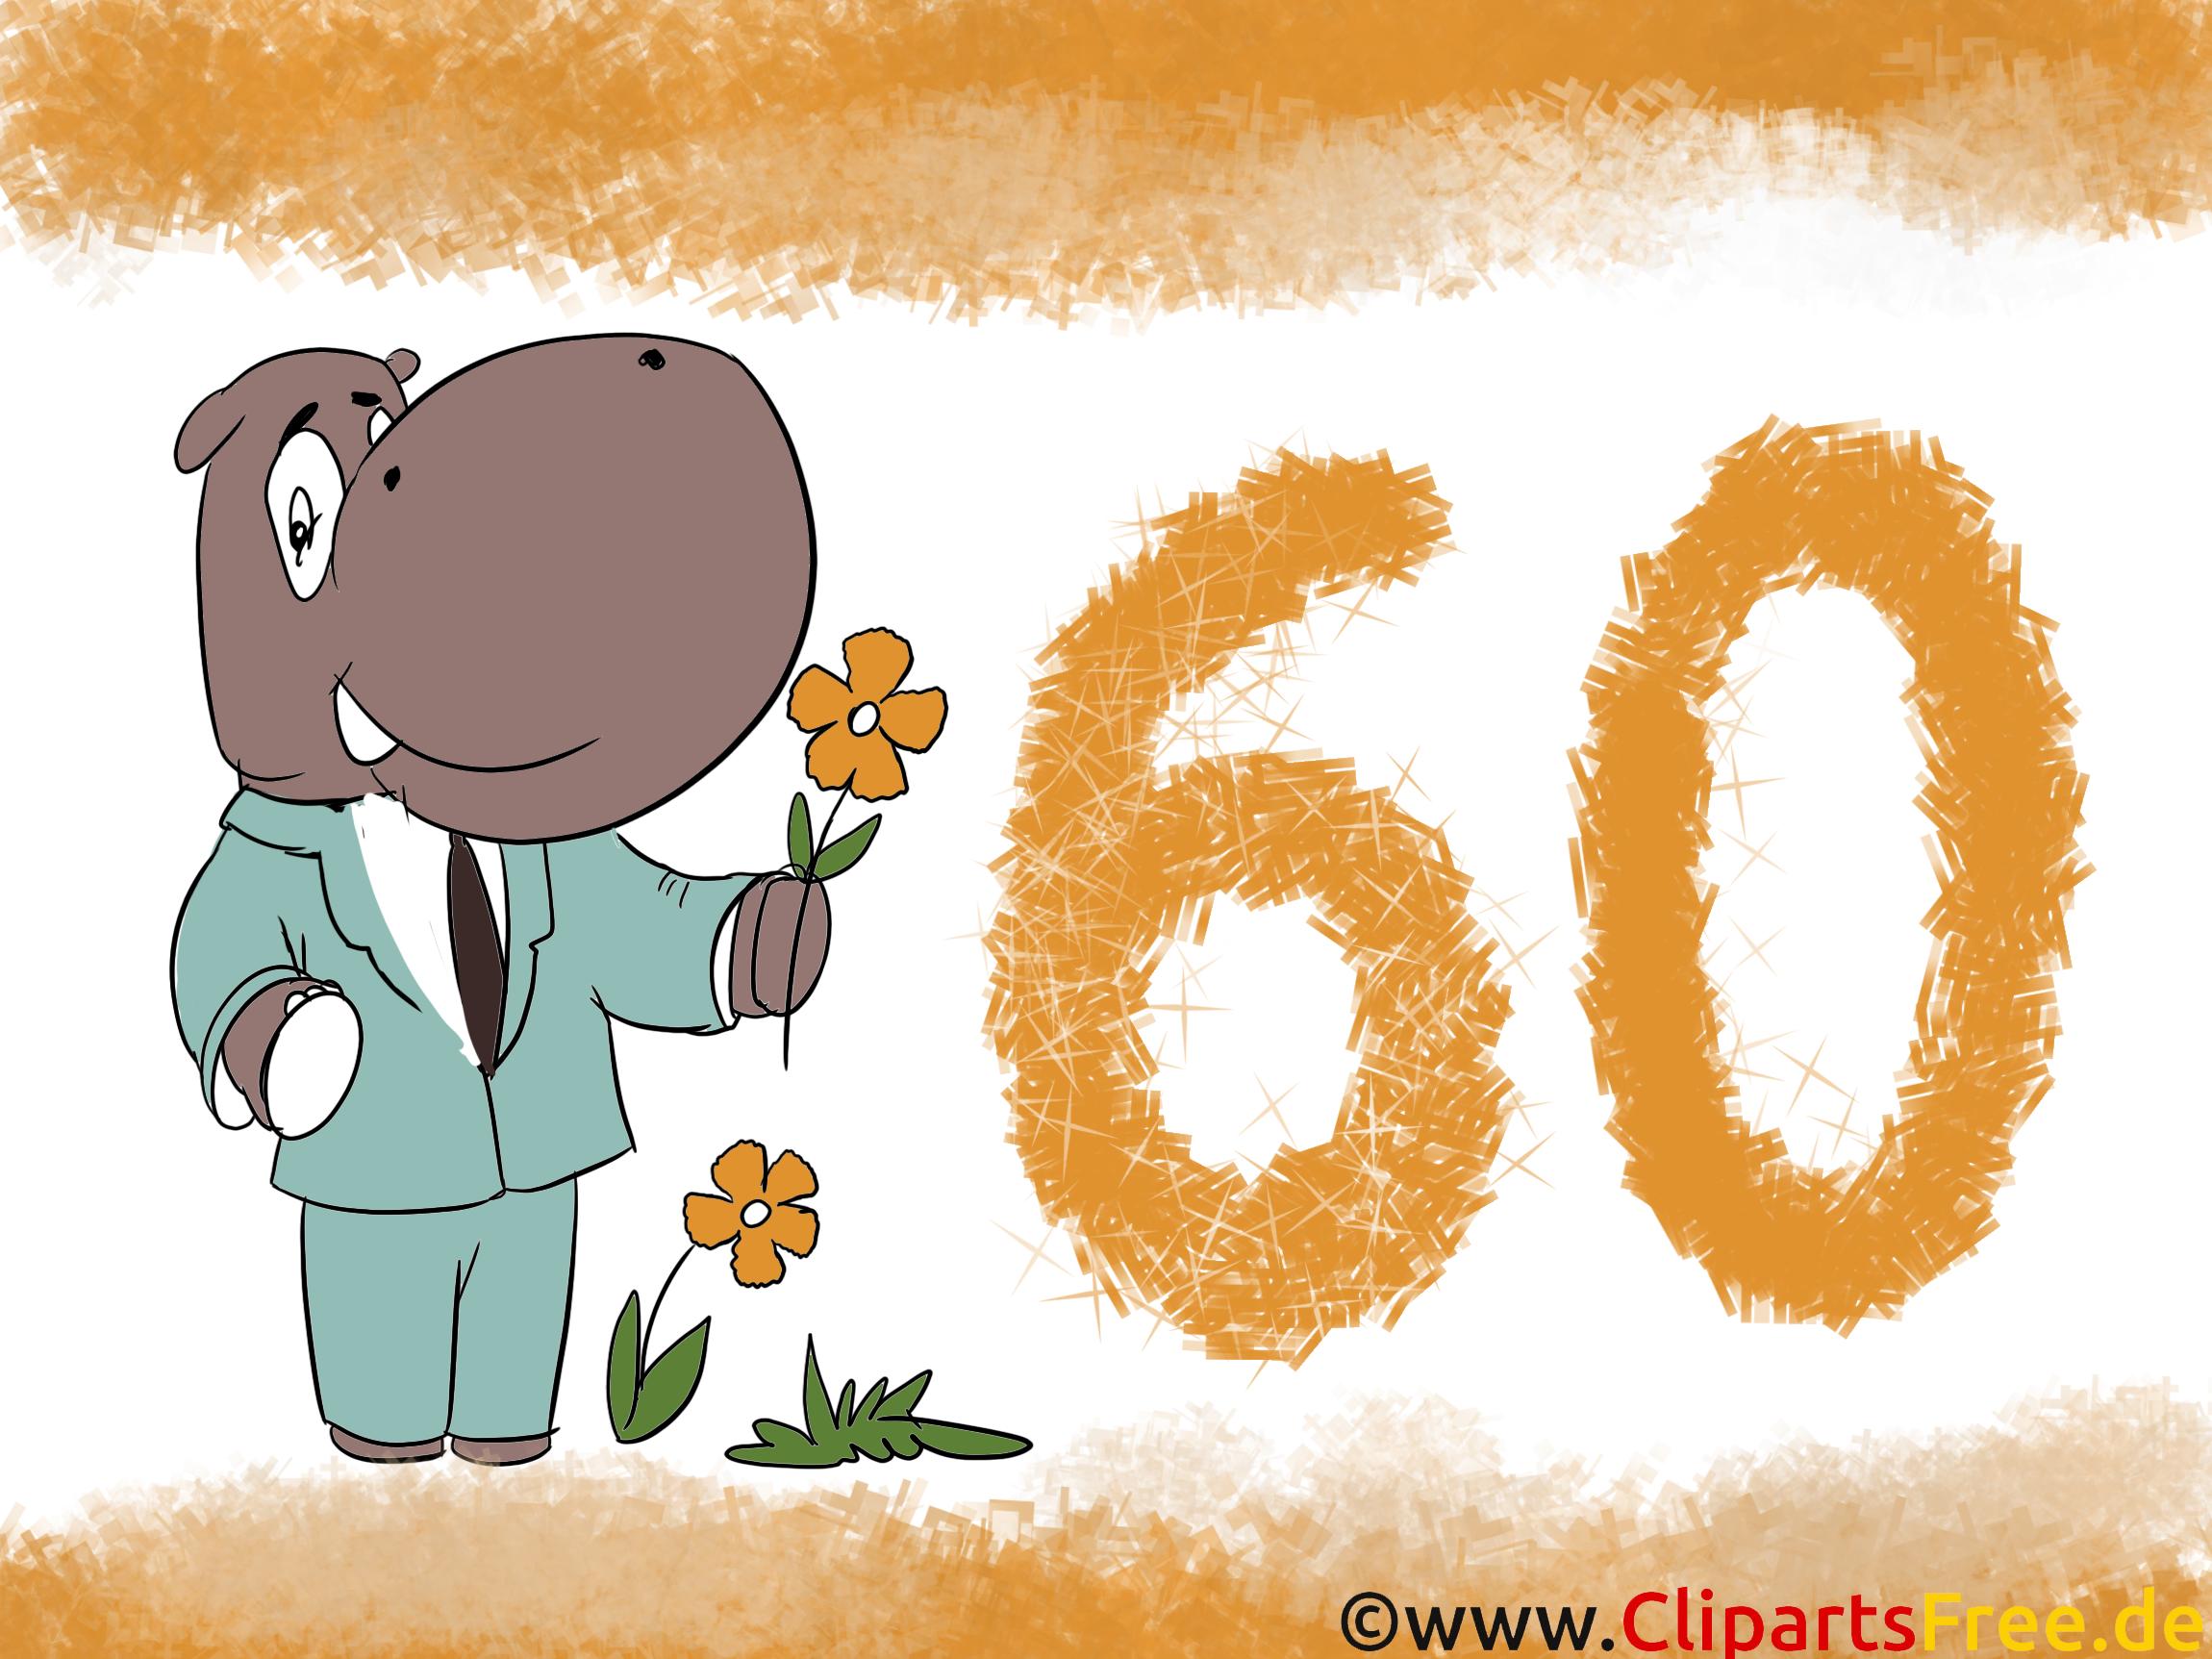 Gratis geburtstagswunsche zum 60